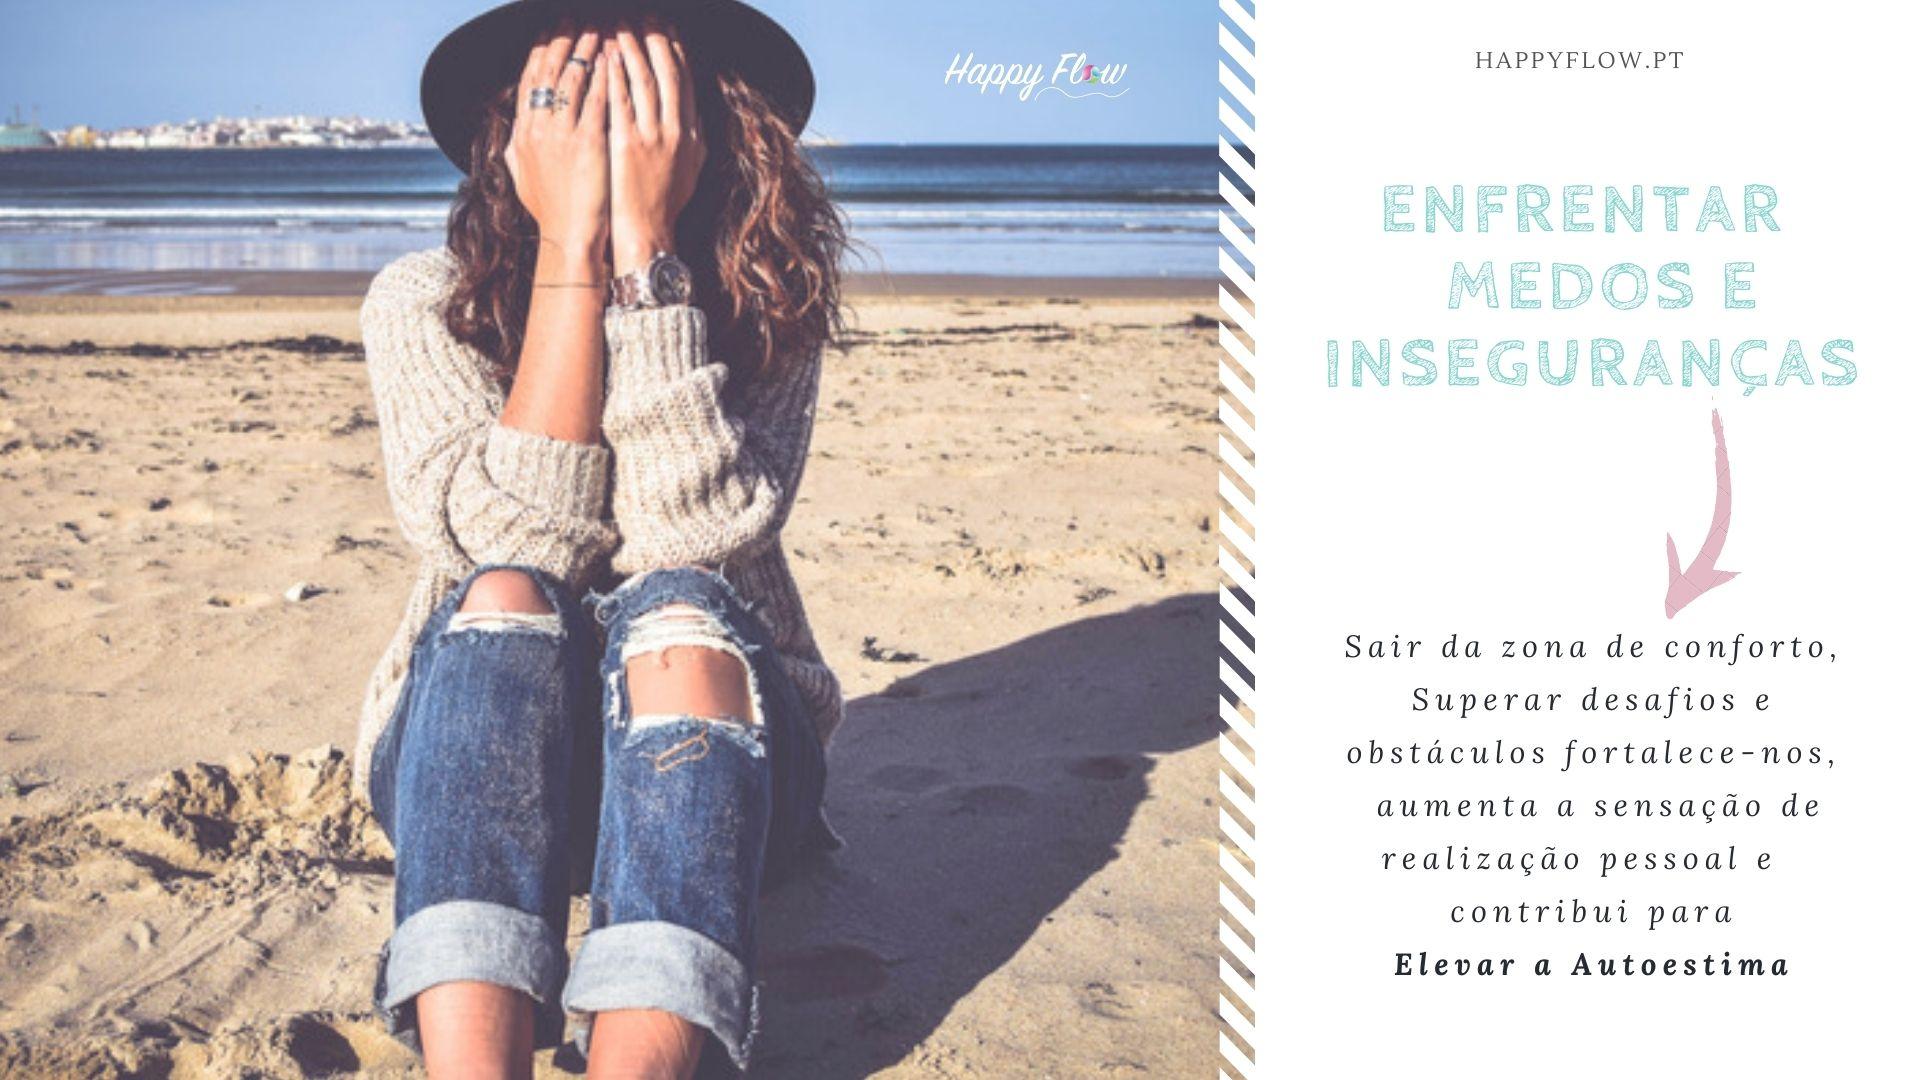 Enfrentar os medos e as inseguranças é uma boa forma de ganhar autoconfiança e elevar a autoestima